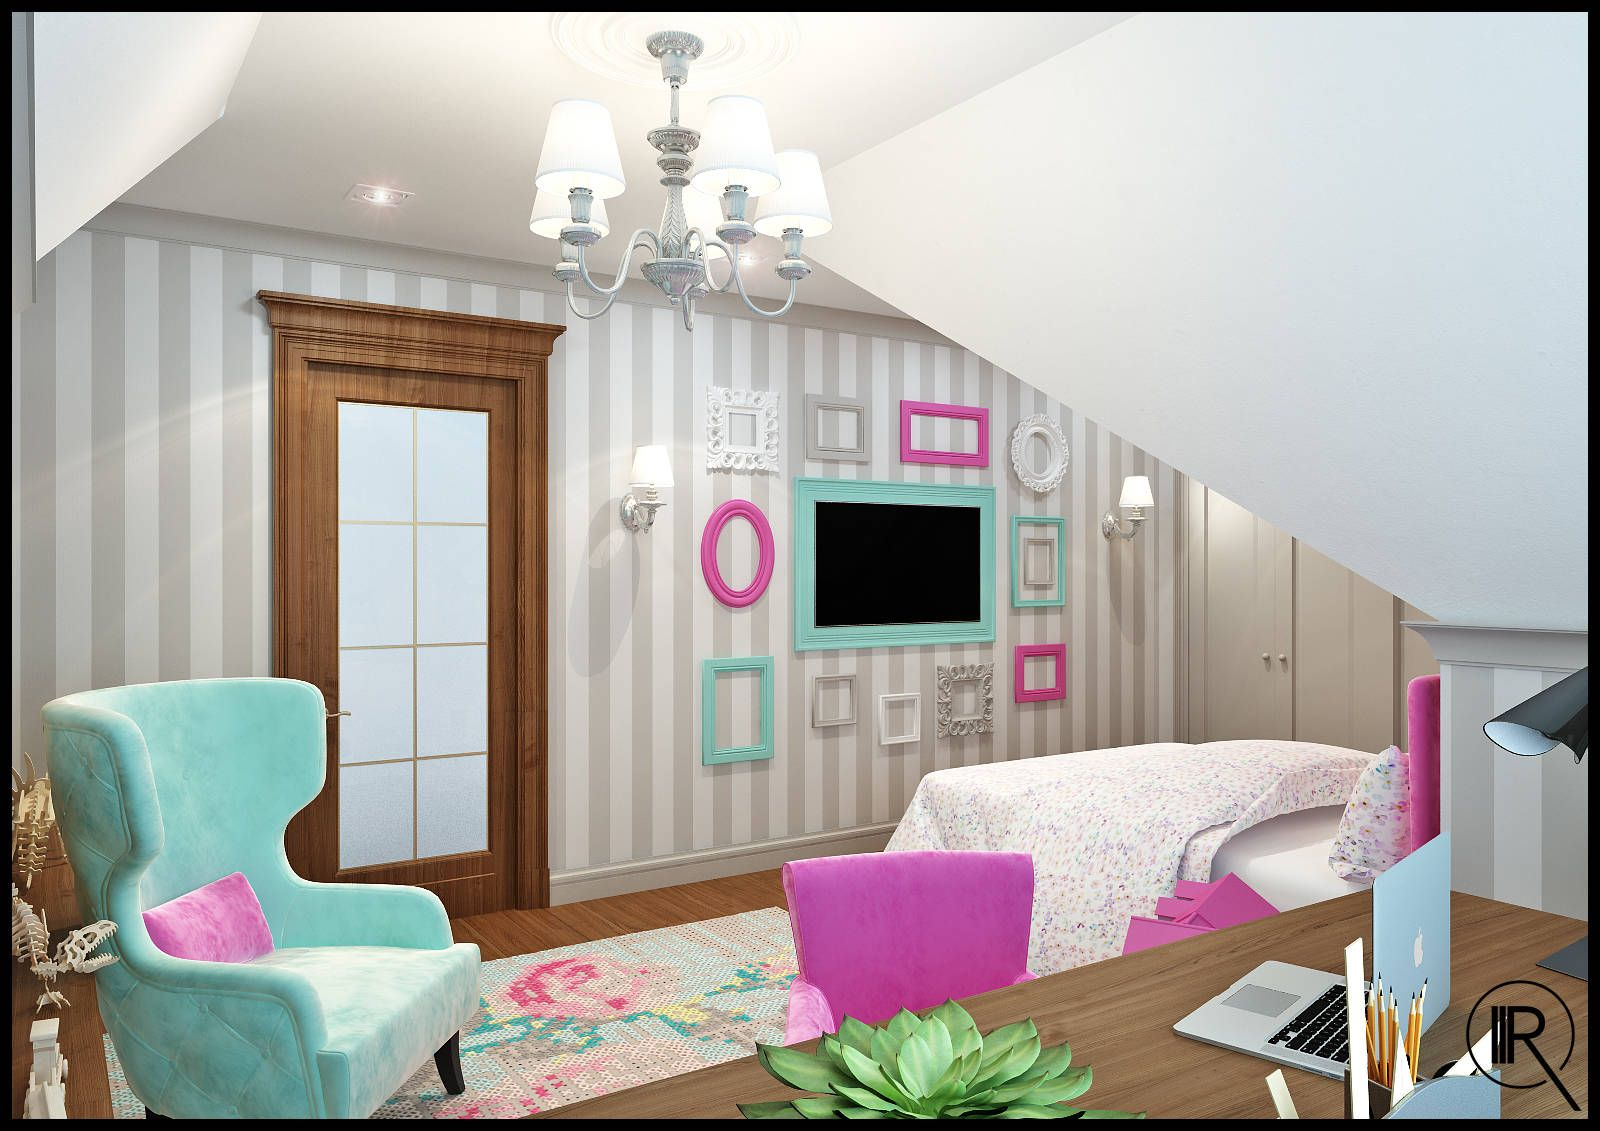 Rec maras infantiles de estilo por rash studio decoracion infantil dormitorios clasicos - Decoracion de dormitorios clasicos ...